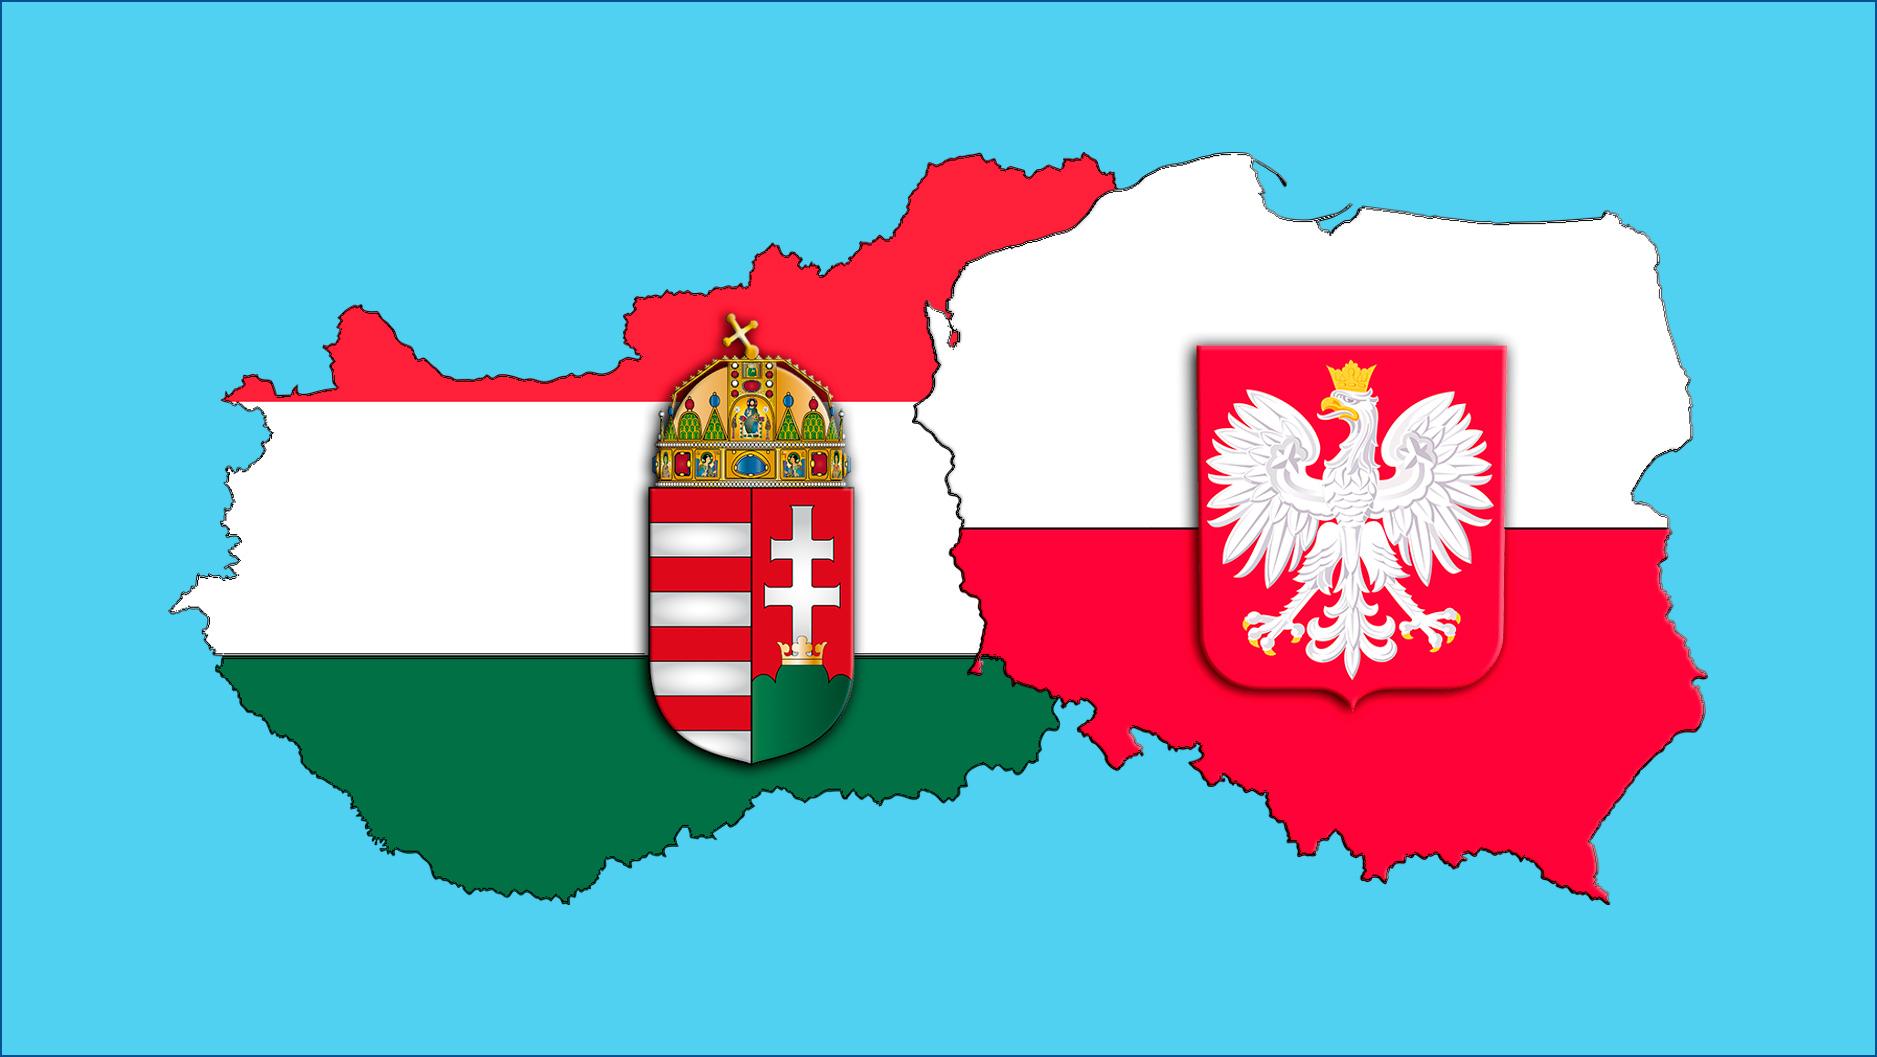 Banderas de Polonia y Hungría